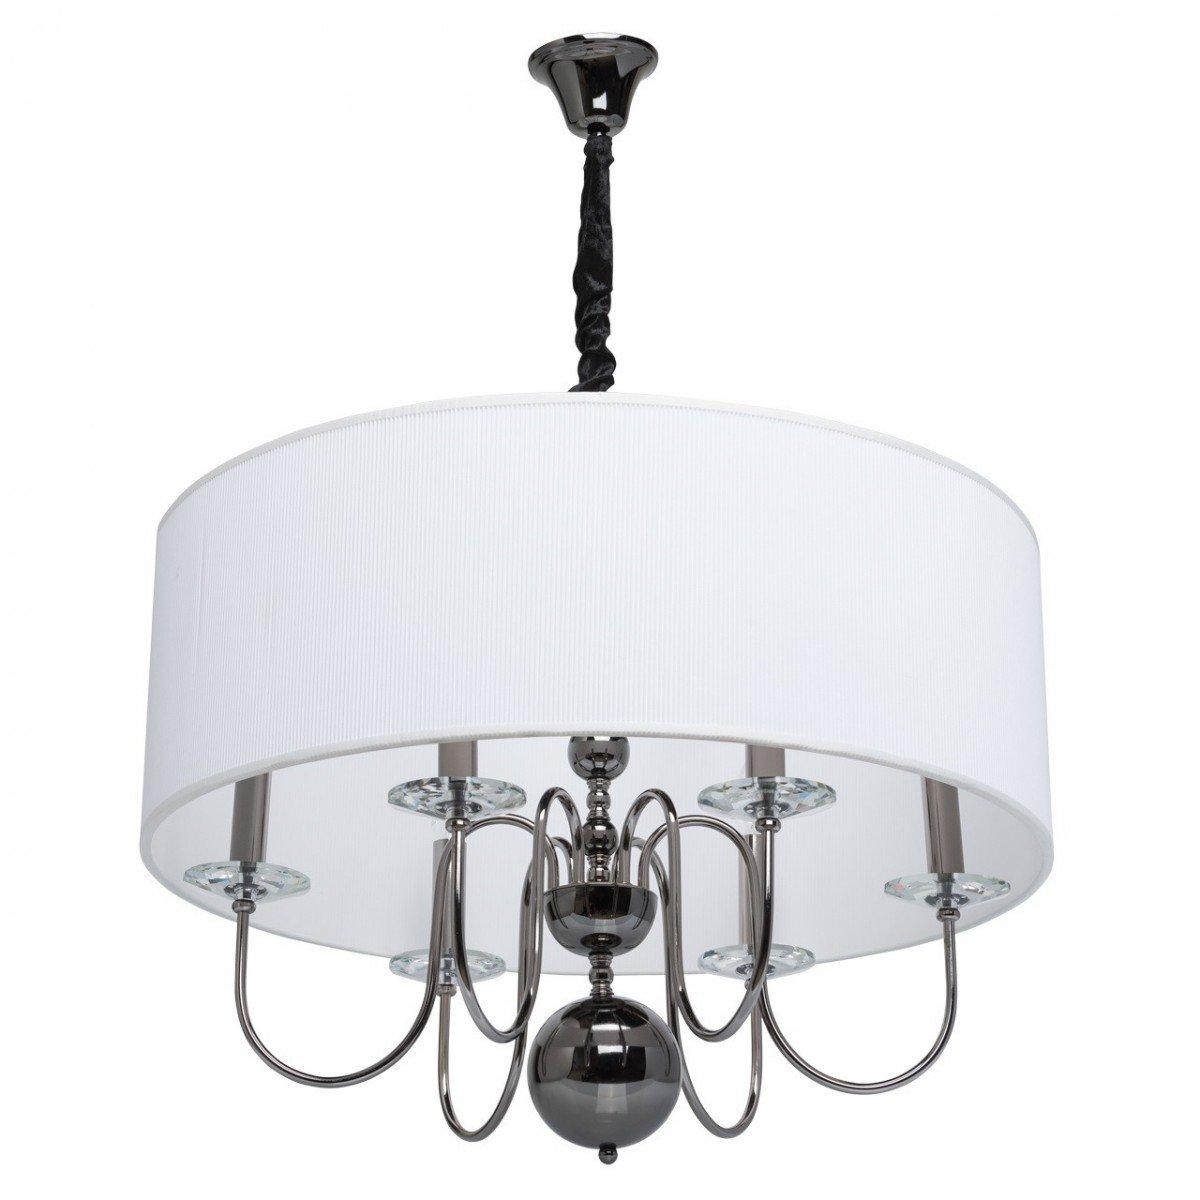 Deckenleuchte Deckenlampe Leuchte Lampe Elegance Style, rund Ø 70 cm, Nickel / Weiß, 6 x E14 max. 40 W